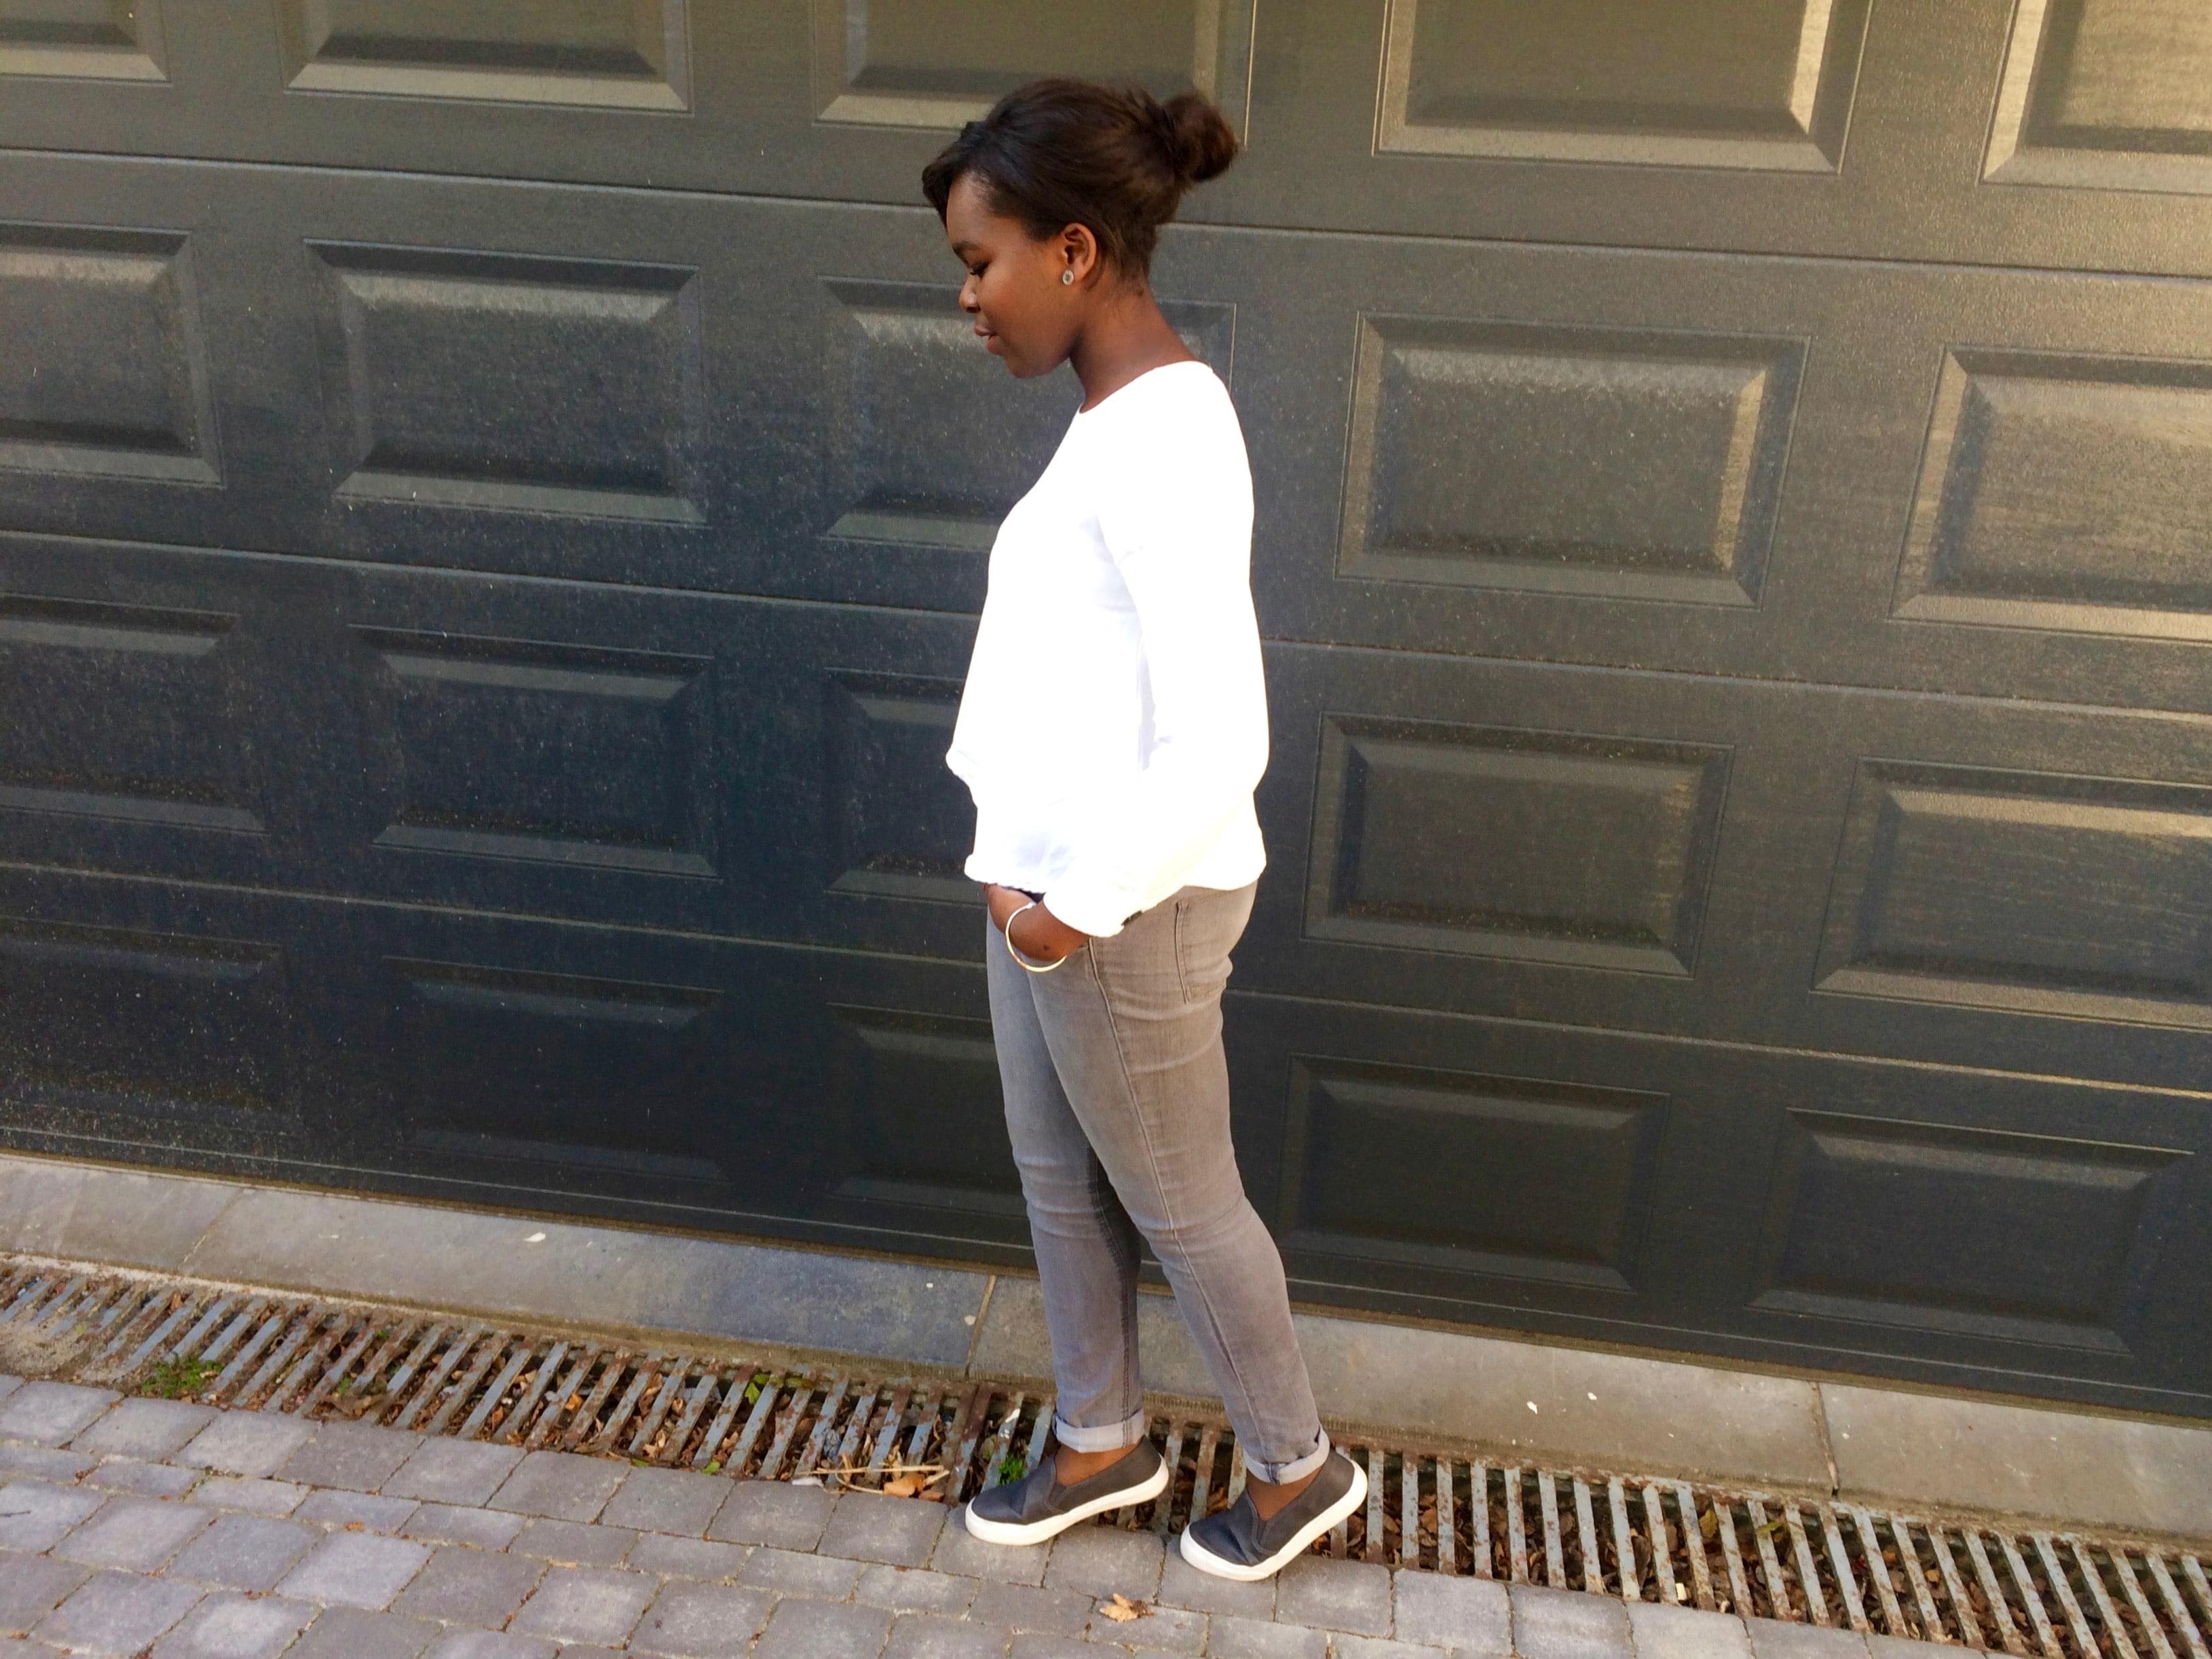 Coup-de-blouse_9602